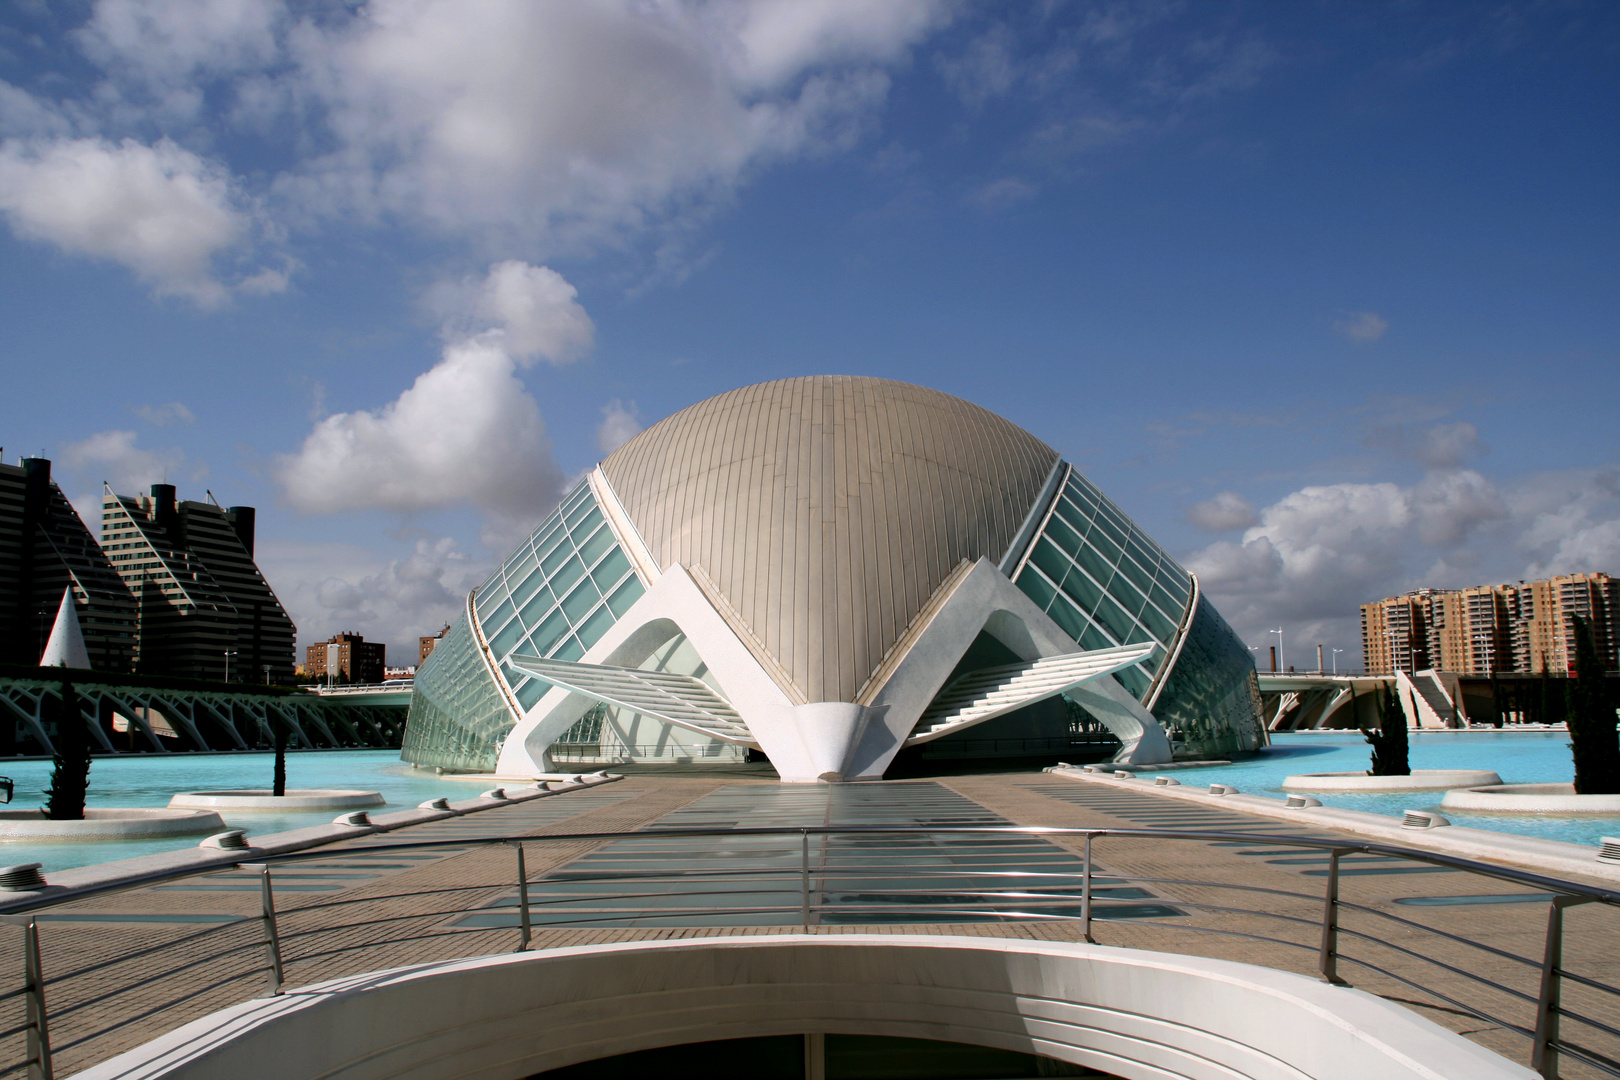 Futuristische architektur foto bild europe spain valencia murcia bilder auf fotocommunity - Futuristische architektur ...